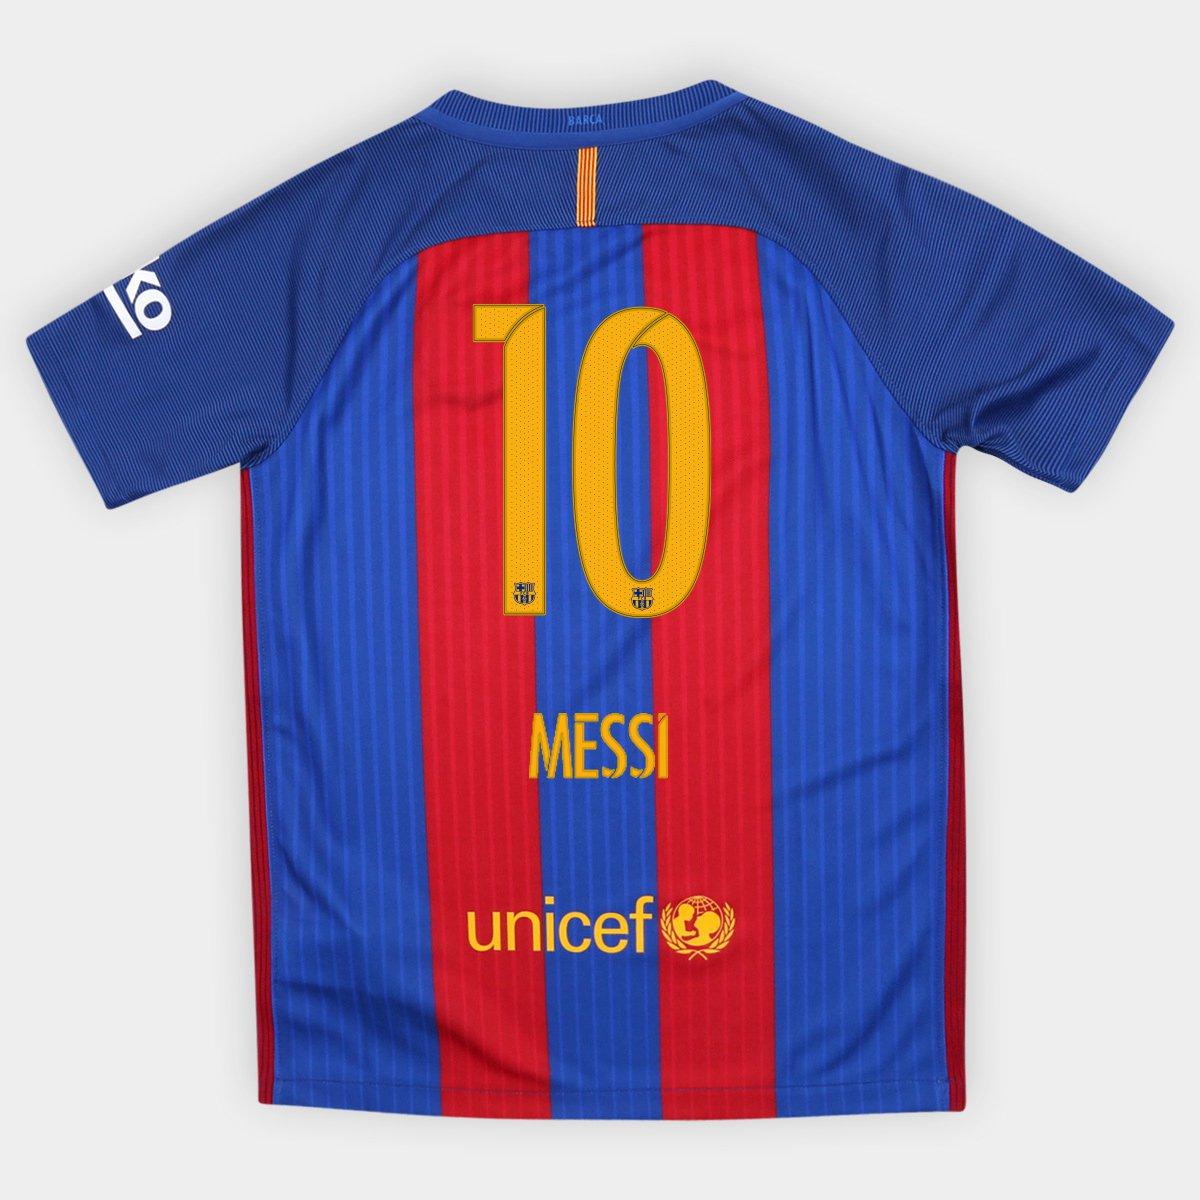 Camisa Nike Barcelona Home 16 17 nº 10 Messi Infantil Com Patrocínio - Compre  Agora  d236461777d86